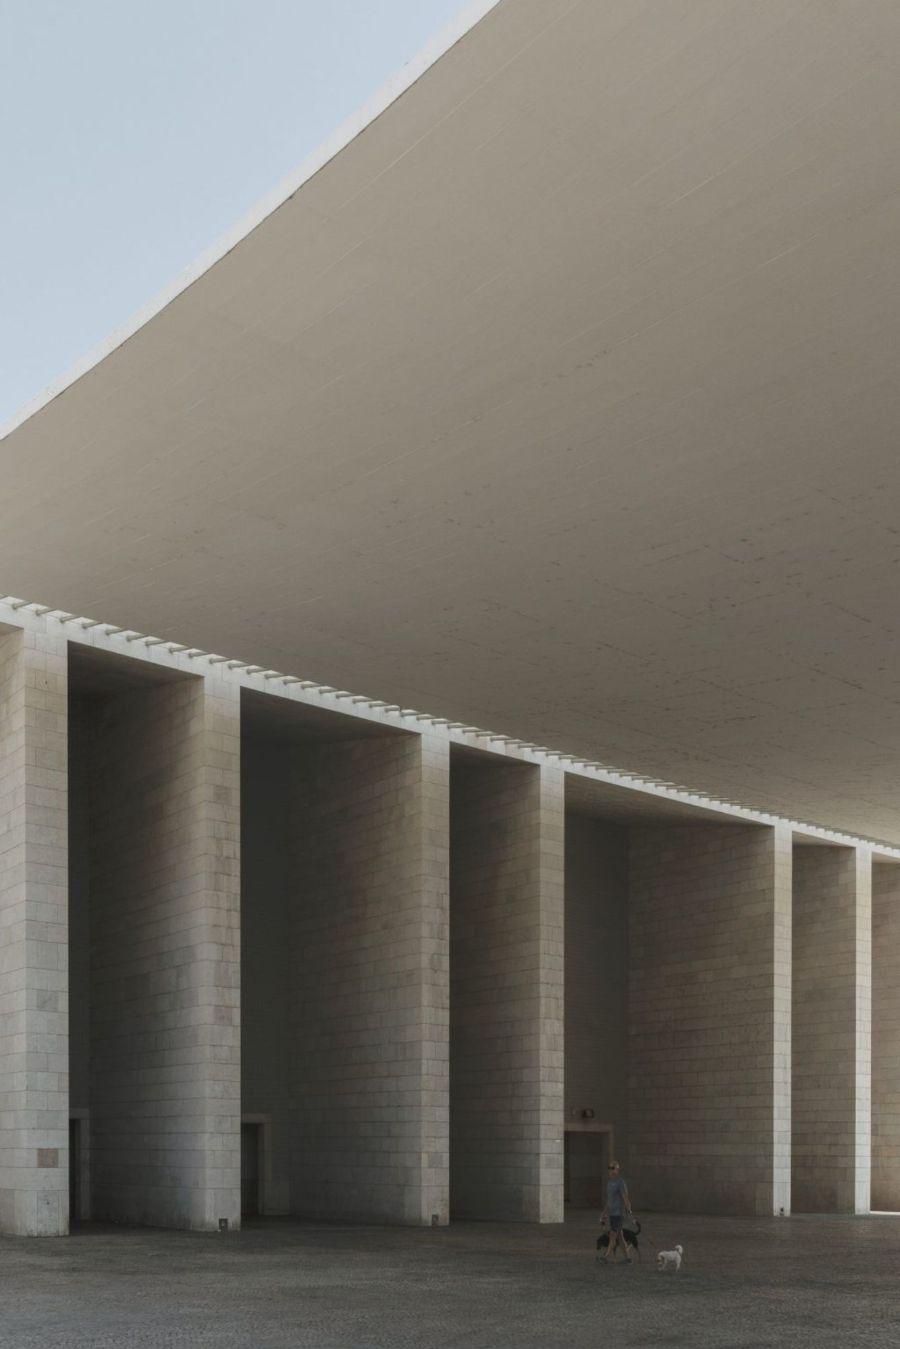 Portuguese National Pavilion by Álvaro Siza Vieira